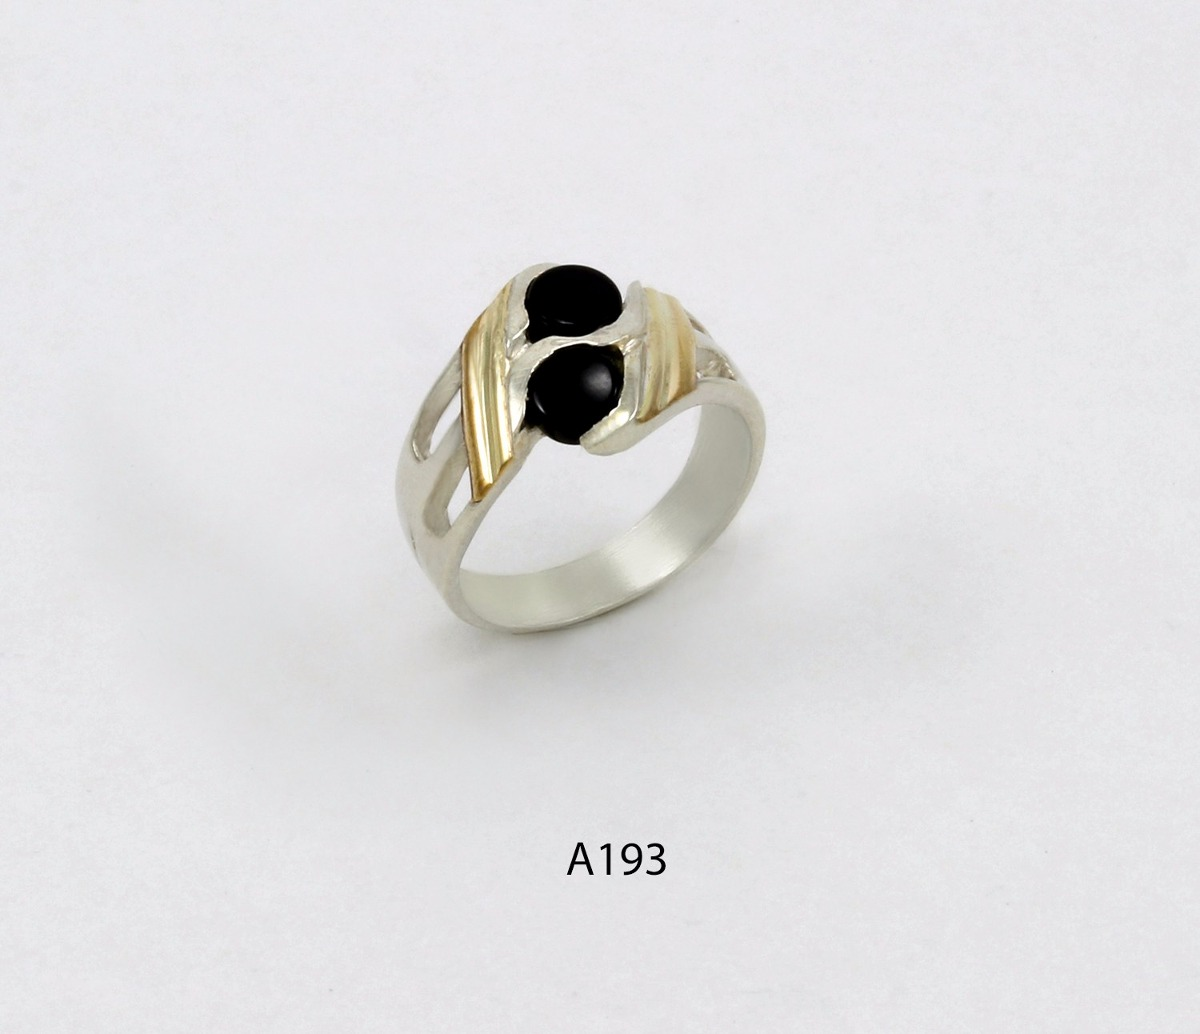 496496162623 anillo de plata 925 y oro codigo a193 piedra negra. Cargando zoom.